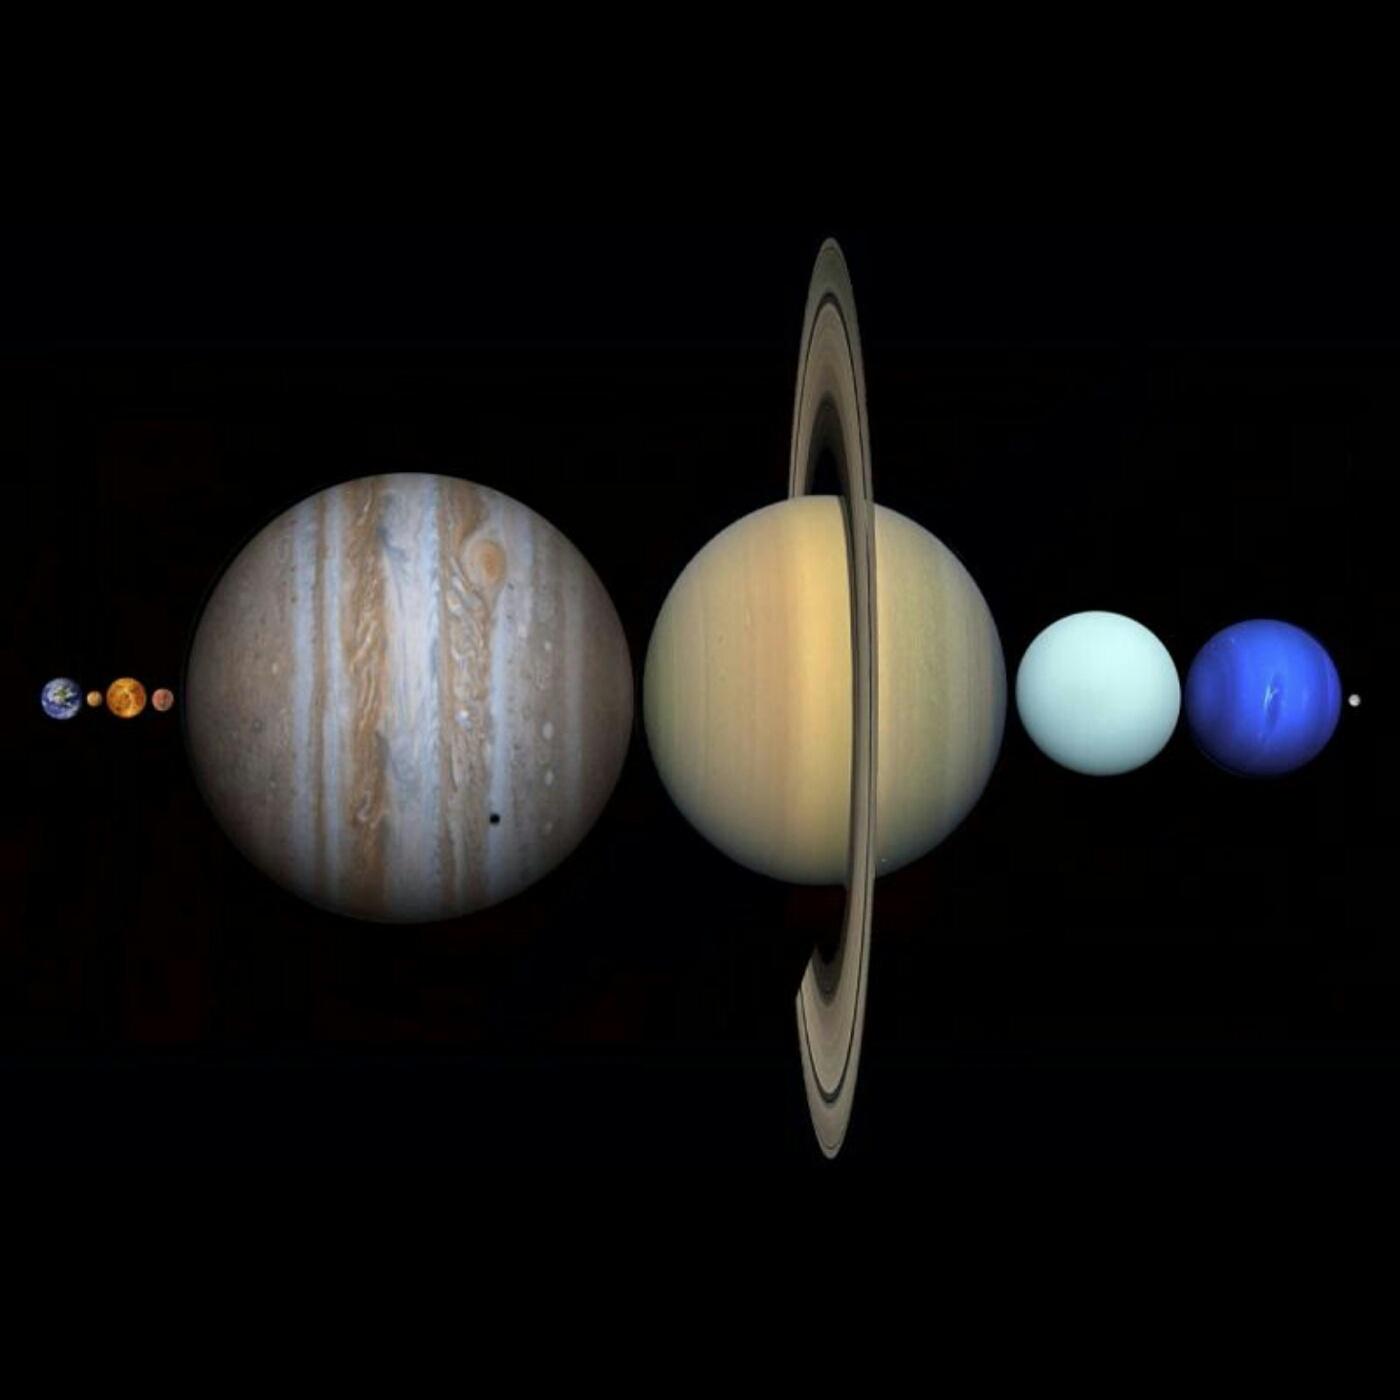 Inclinación del eje de rotación de los planetas